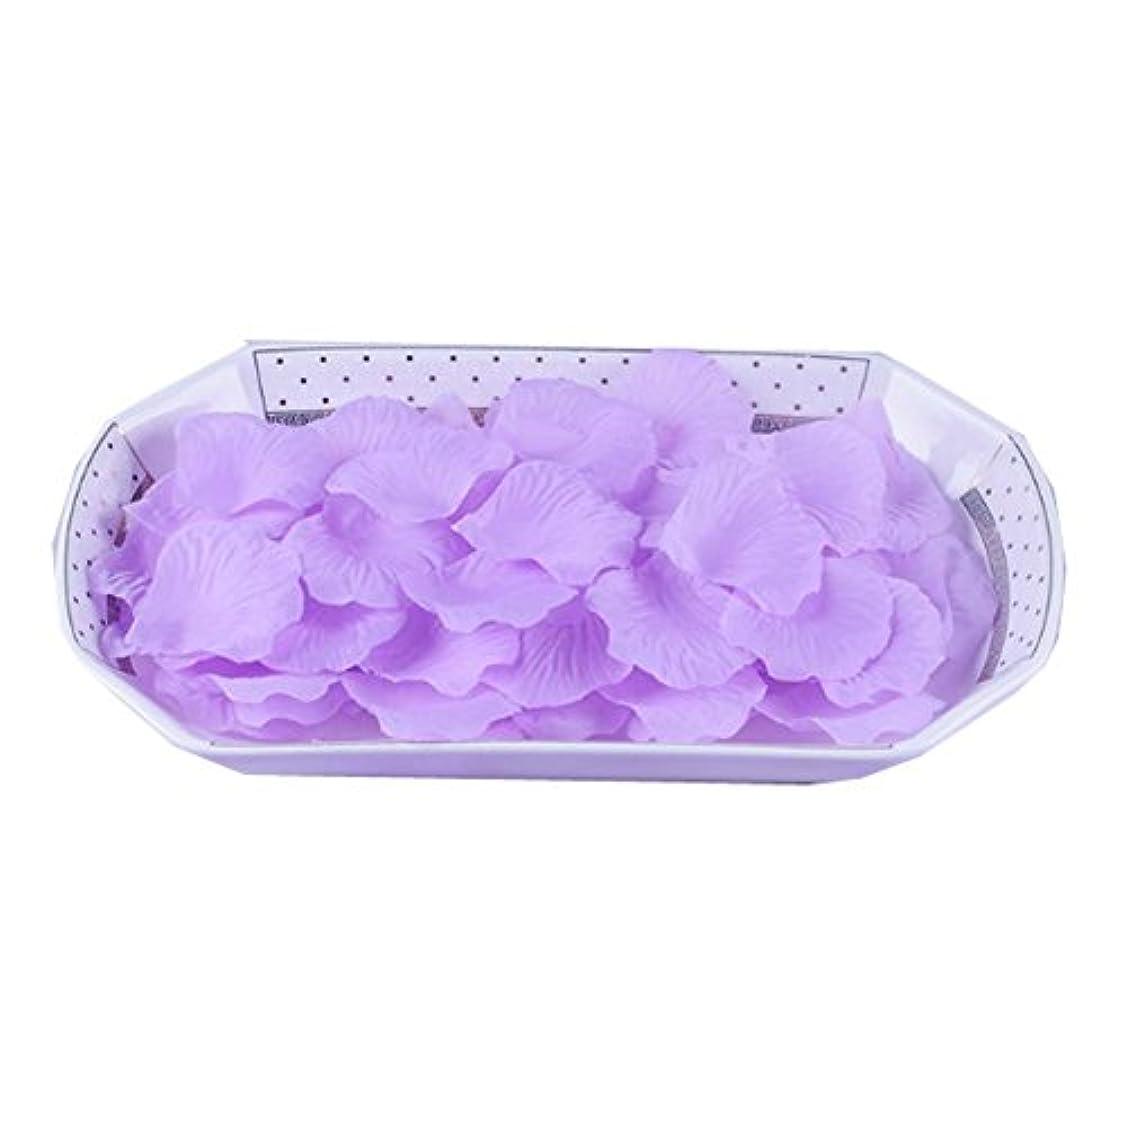 頭残る場合結婚式のパーティーの装飾のための人工のバラの花びらパープル3000台のPC